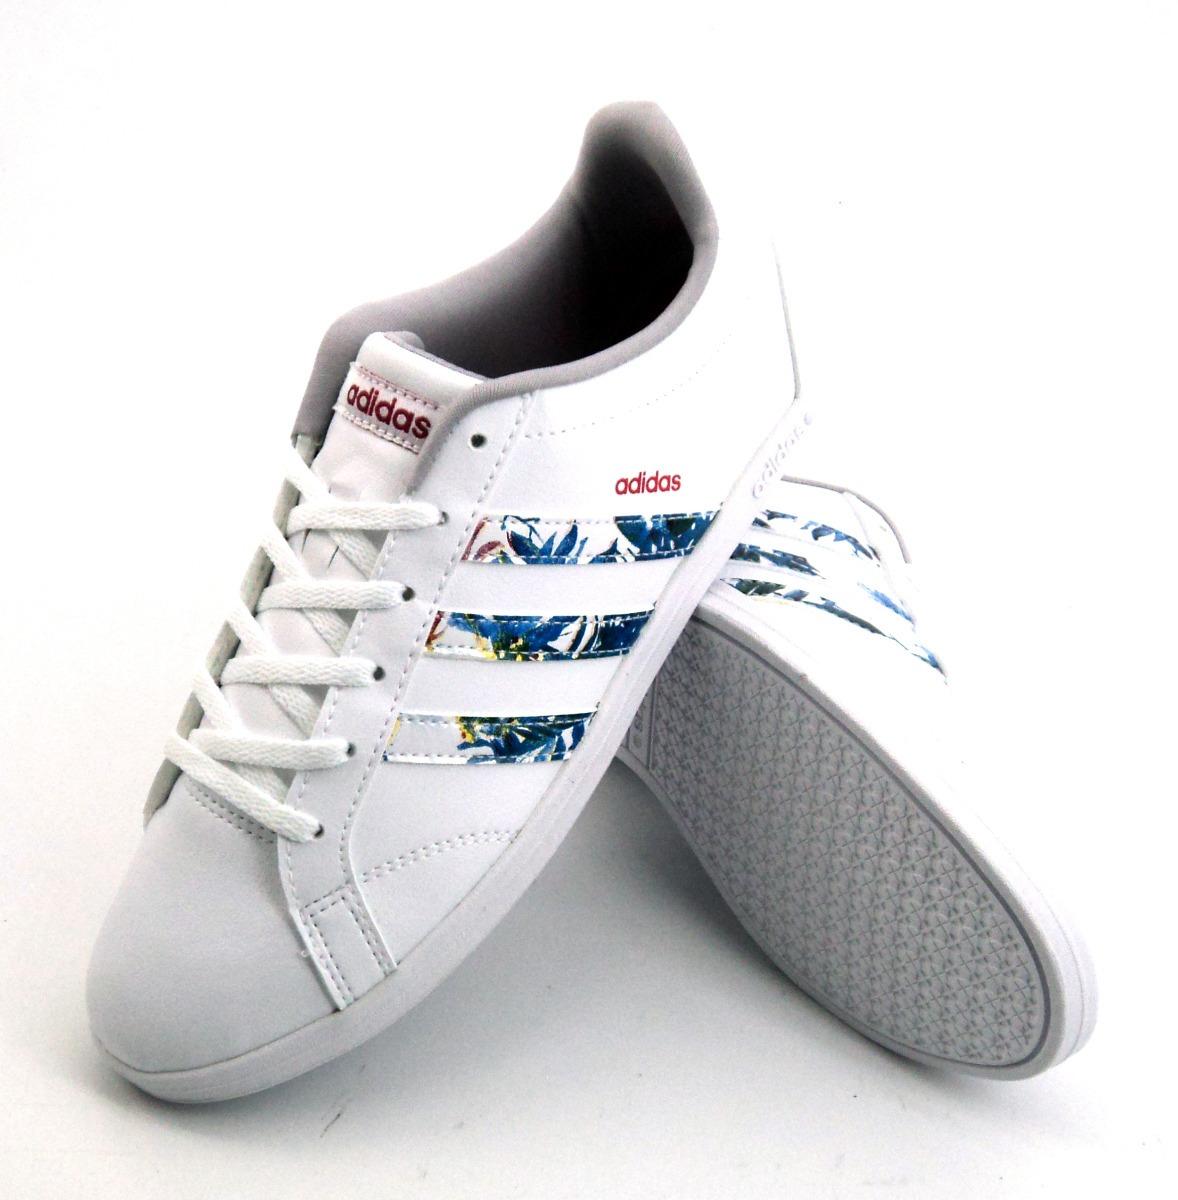 zapatillas adidas mujer urbanas